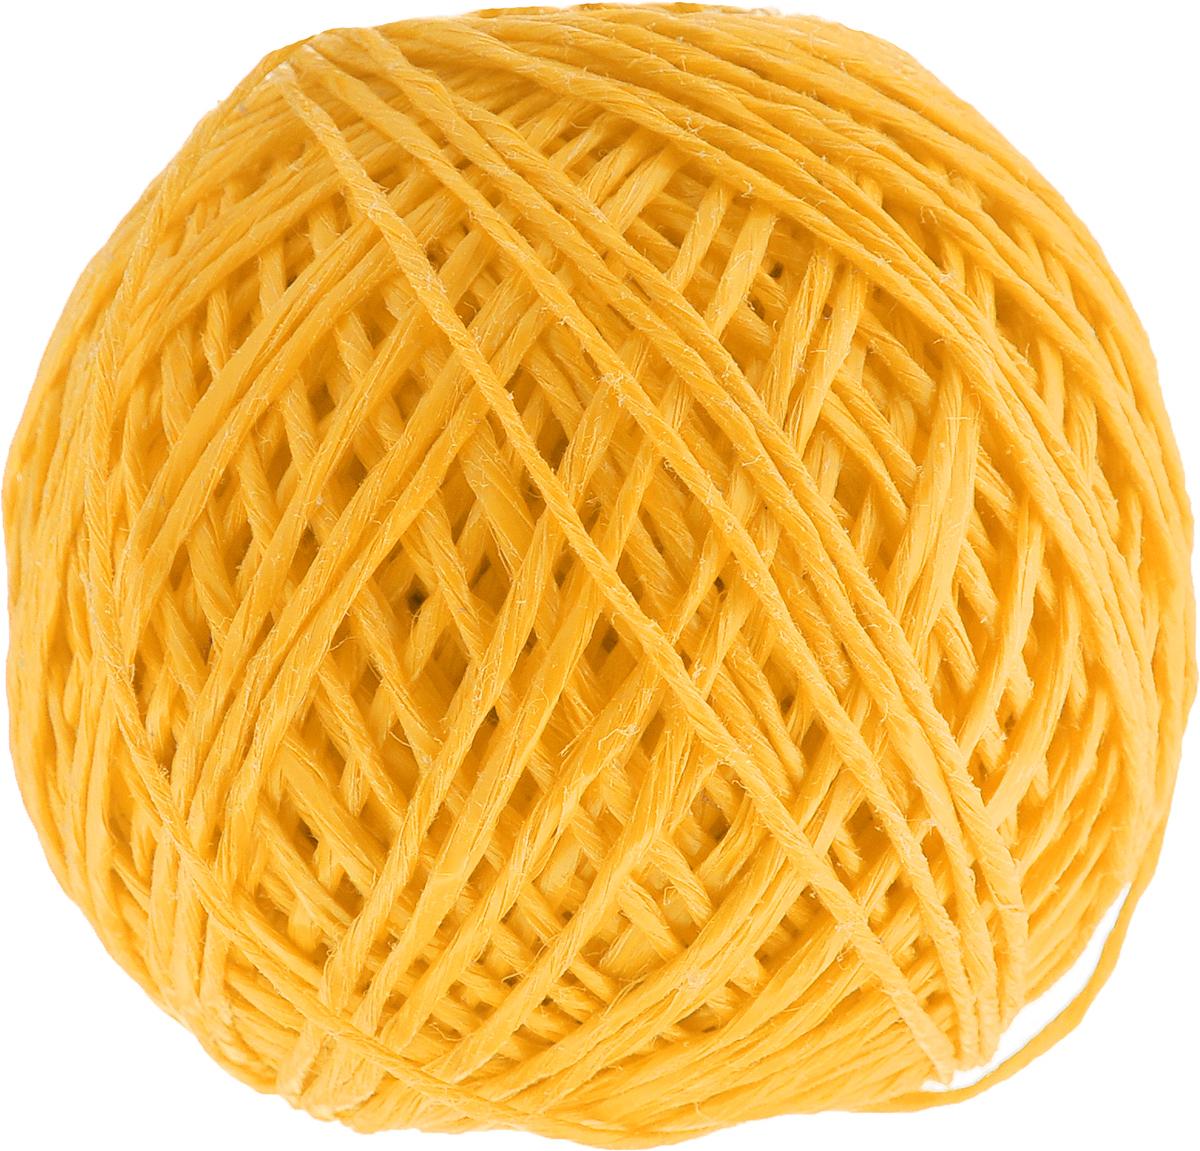 Шпагат Шнурком, цвет: желтый, длина 100 мШпп_100_желтыйПолипропиленовый шпагат Шнурком плотностью 1000 текс входит в категорию веревочной продукции, сырьем для которой являются синтетические волокна, в частности полипропиленовая нить. Данный материал характеризуется высокой прочностью и стойкостью к износу. Кроме того, он эластичен, гибок, не боится многократных изгибов, плотно облегает изделие при обвязке и легко завязывается в крепкие узлы. Относительная удельная плотность полипропиленовых шпагатов варьируется от 0,70 до 0,91 кг/м3. Температура плавления от 150 до 170°C (в зависимости от вида и модели шпагата). Удлинение под предельной нагрузкой (18-20%).Длина шпагата: 100 м. Толщина нити: 2 мм. Линейная плотность шпагата: 1000 текс.